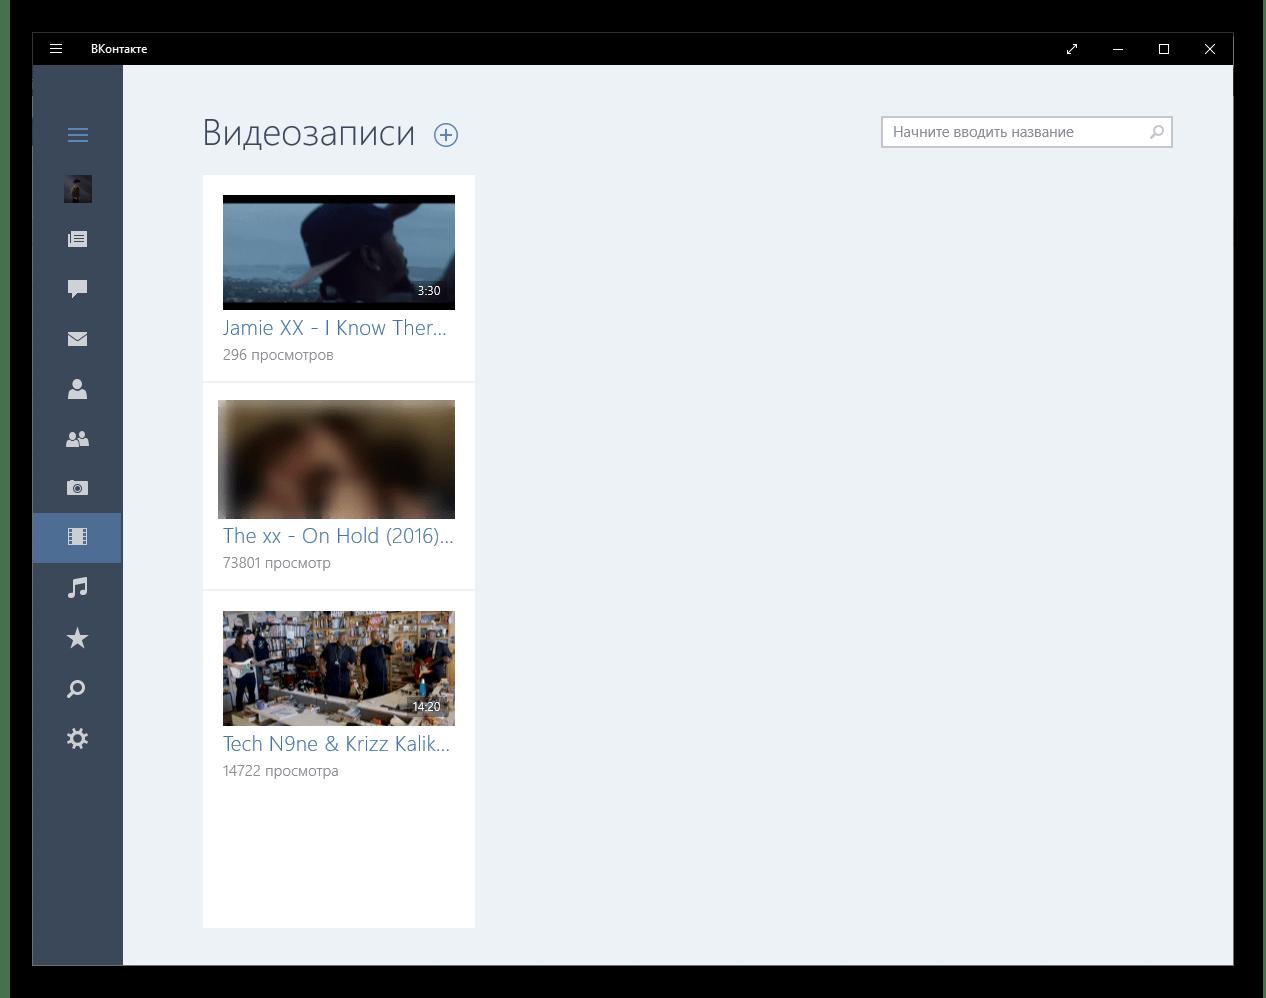 Список моих видеозаписей в приложении ВКонтакте для Windows 10